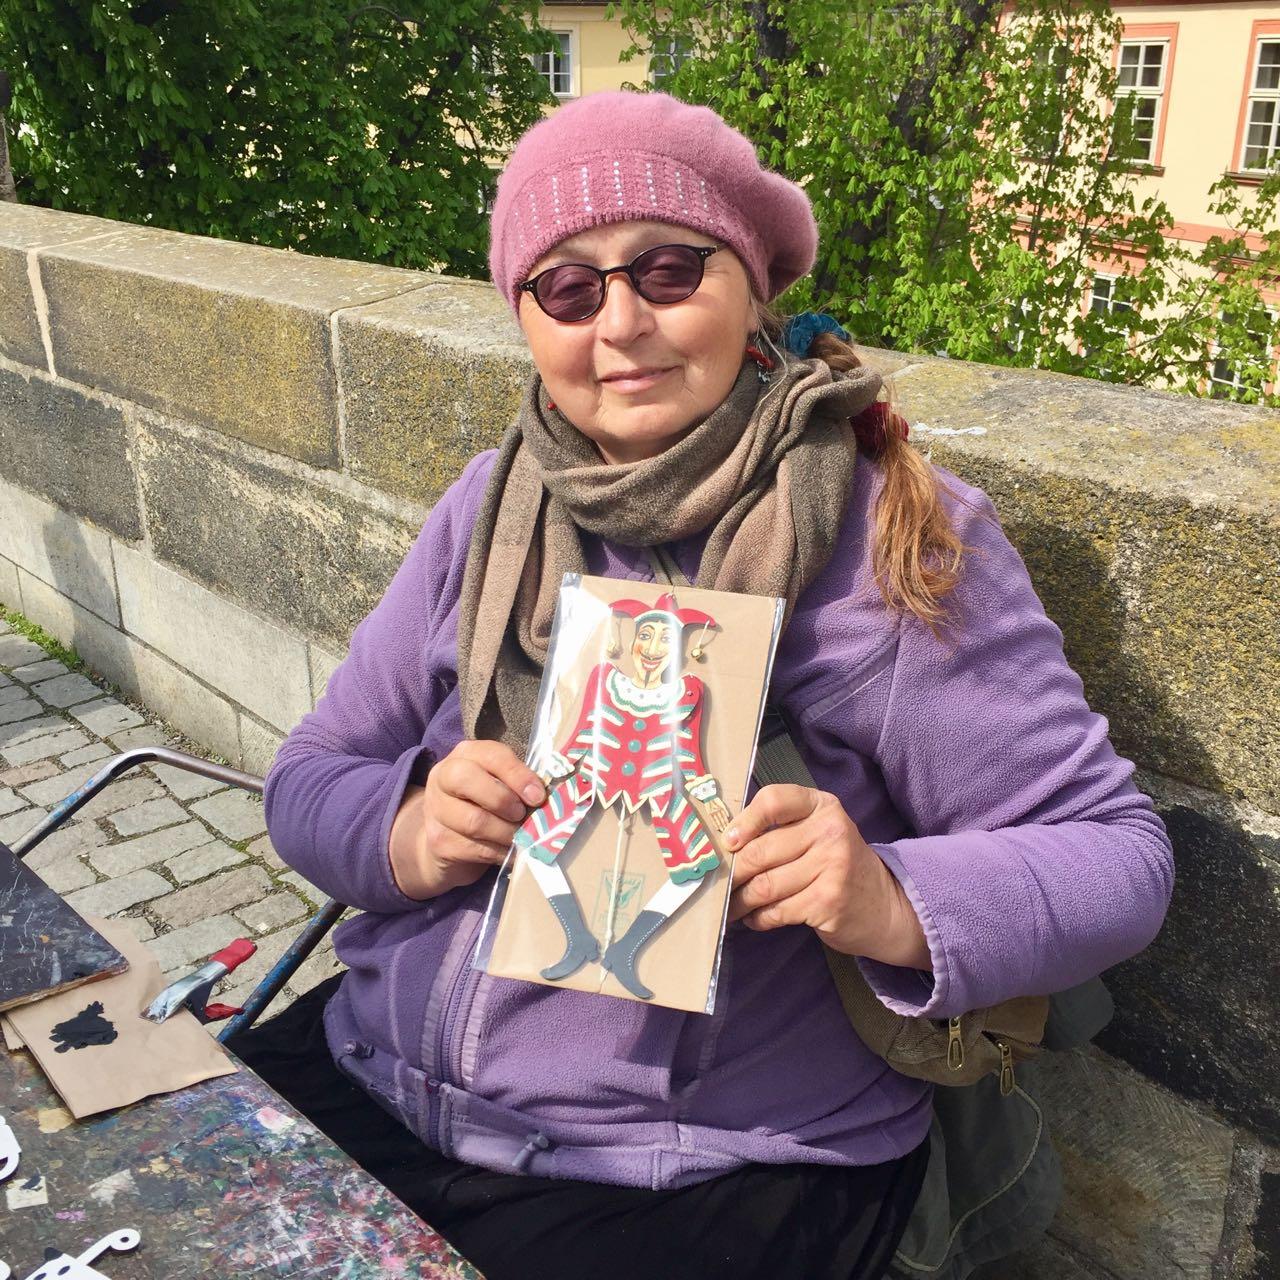 Artist on the Charles Bridge